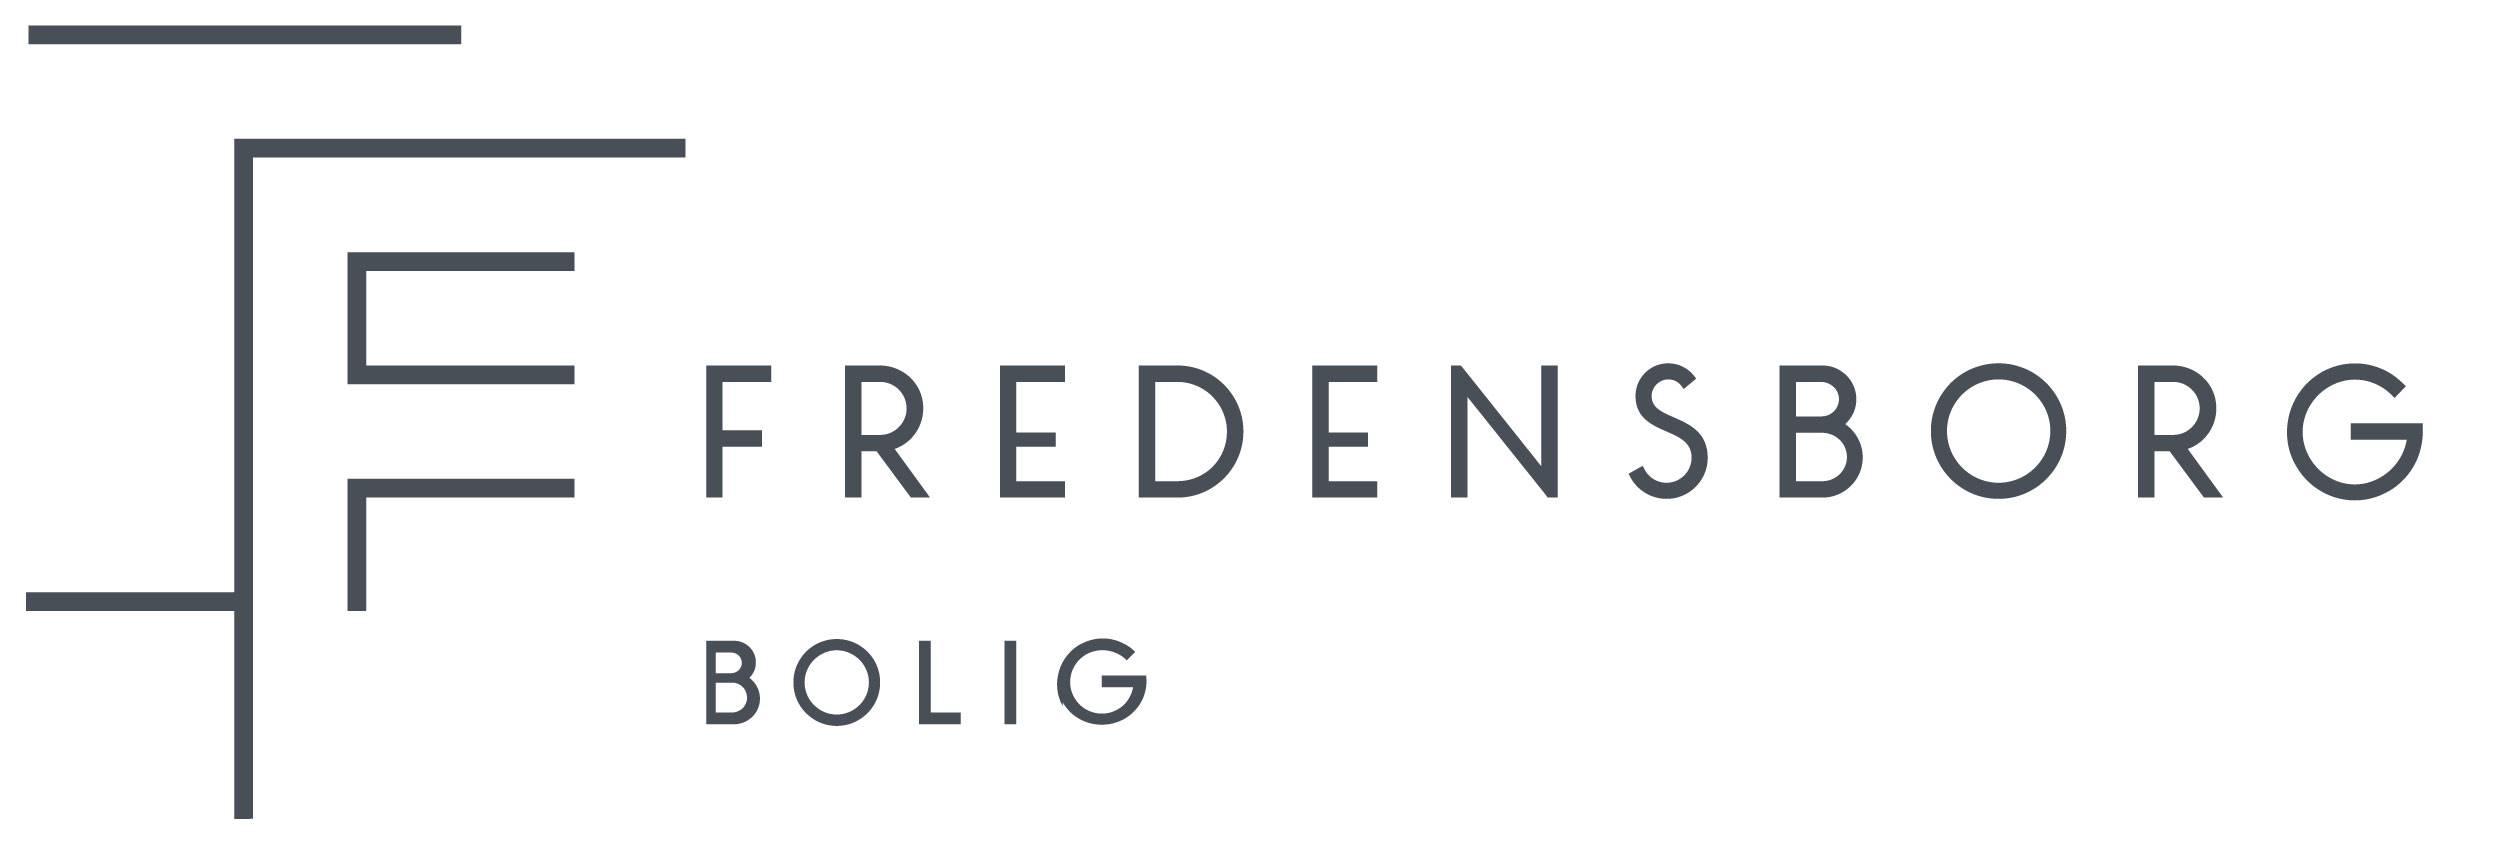 Fredensborg Bolig AS